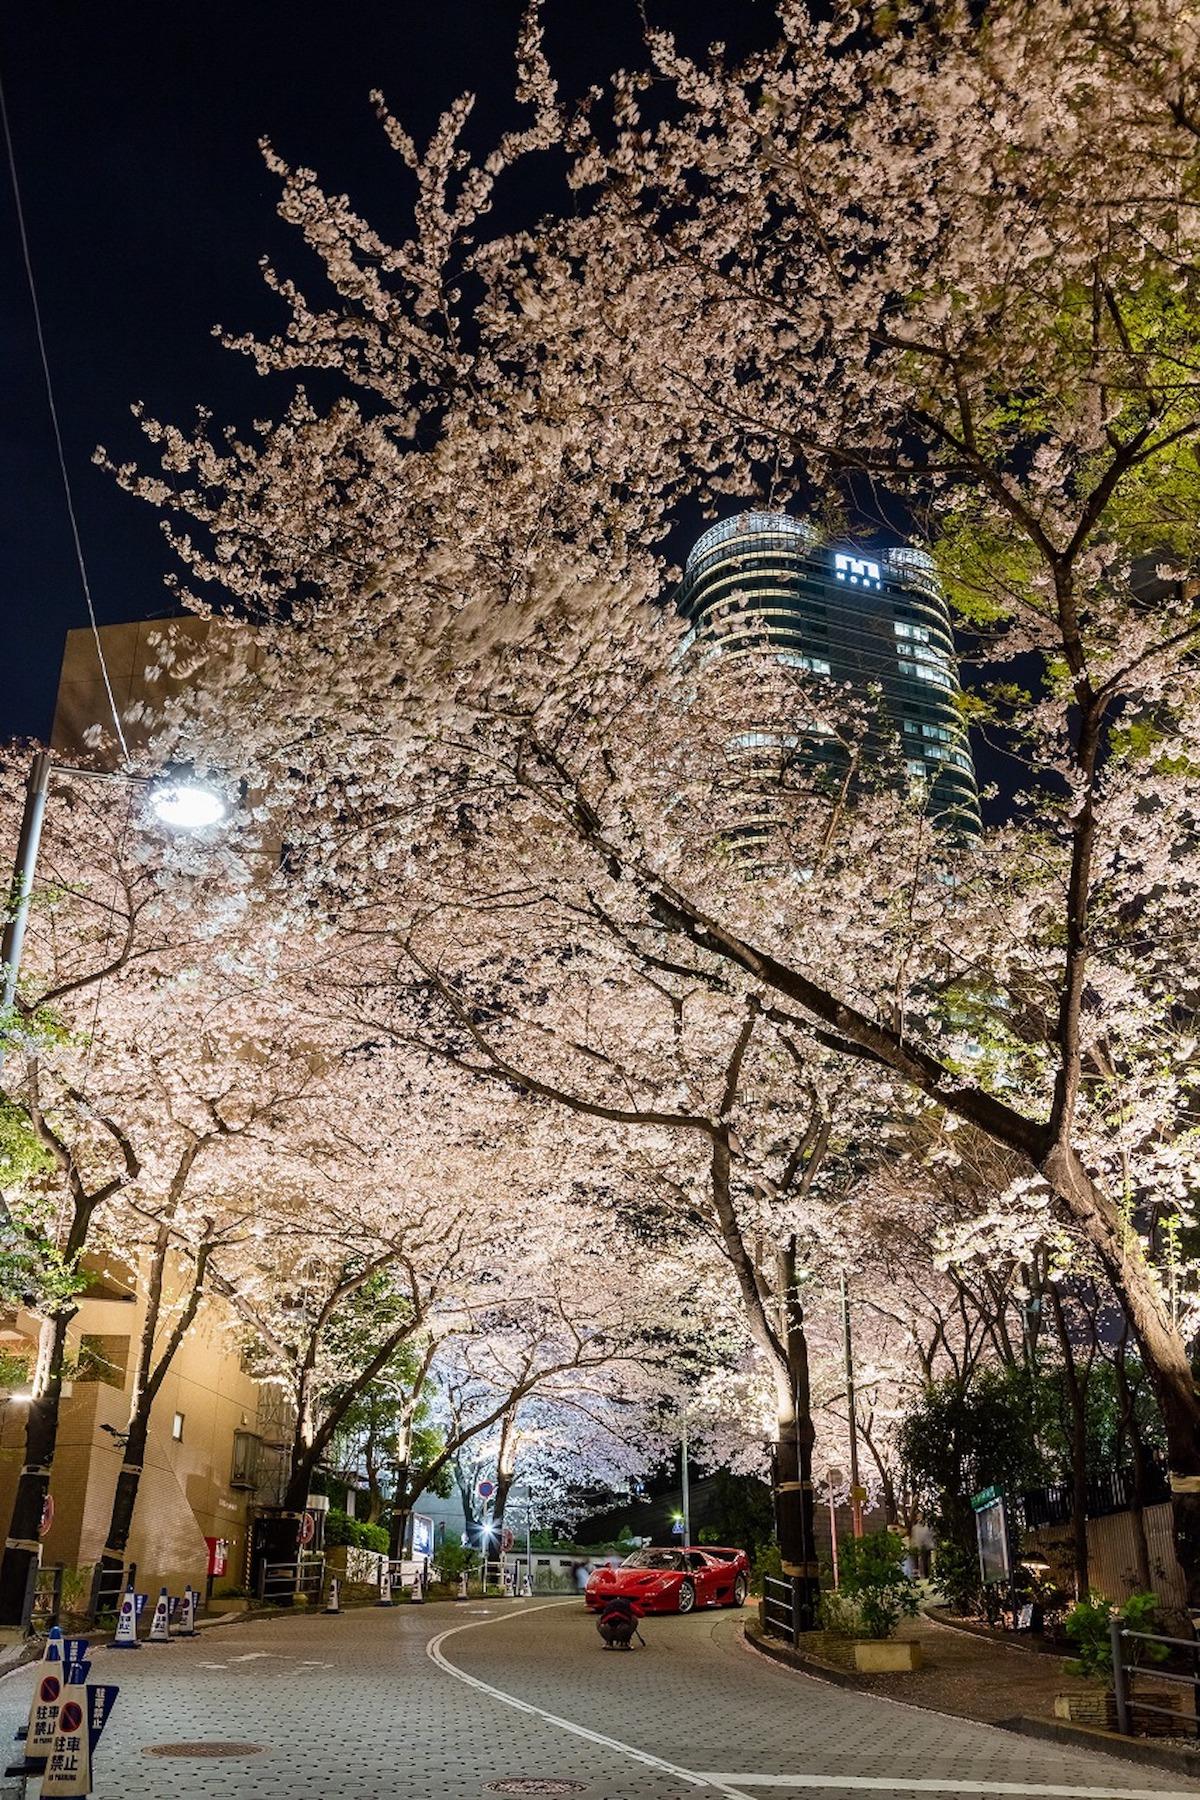 アークヒルズで<さくらまつり 2018>開催!桜のライトアップのほか、グルメ屋台やワークショップなどを楽しもう! gourmet180305_arksakura_03